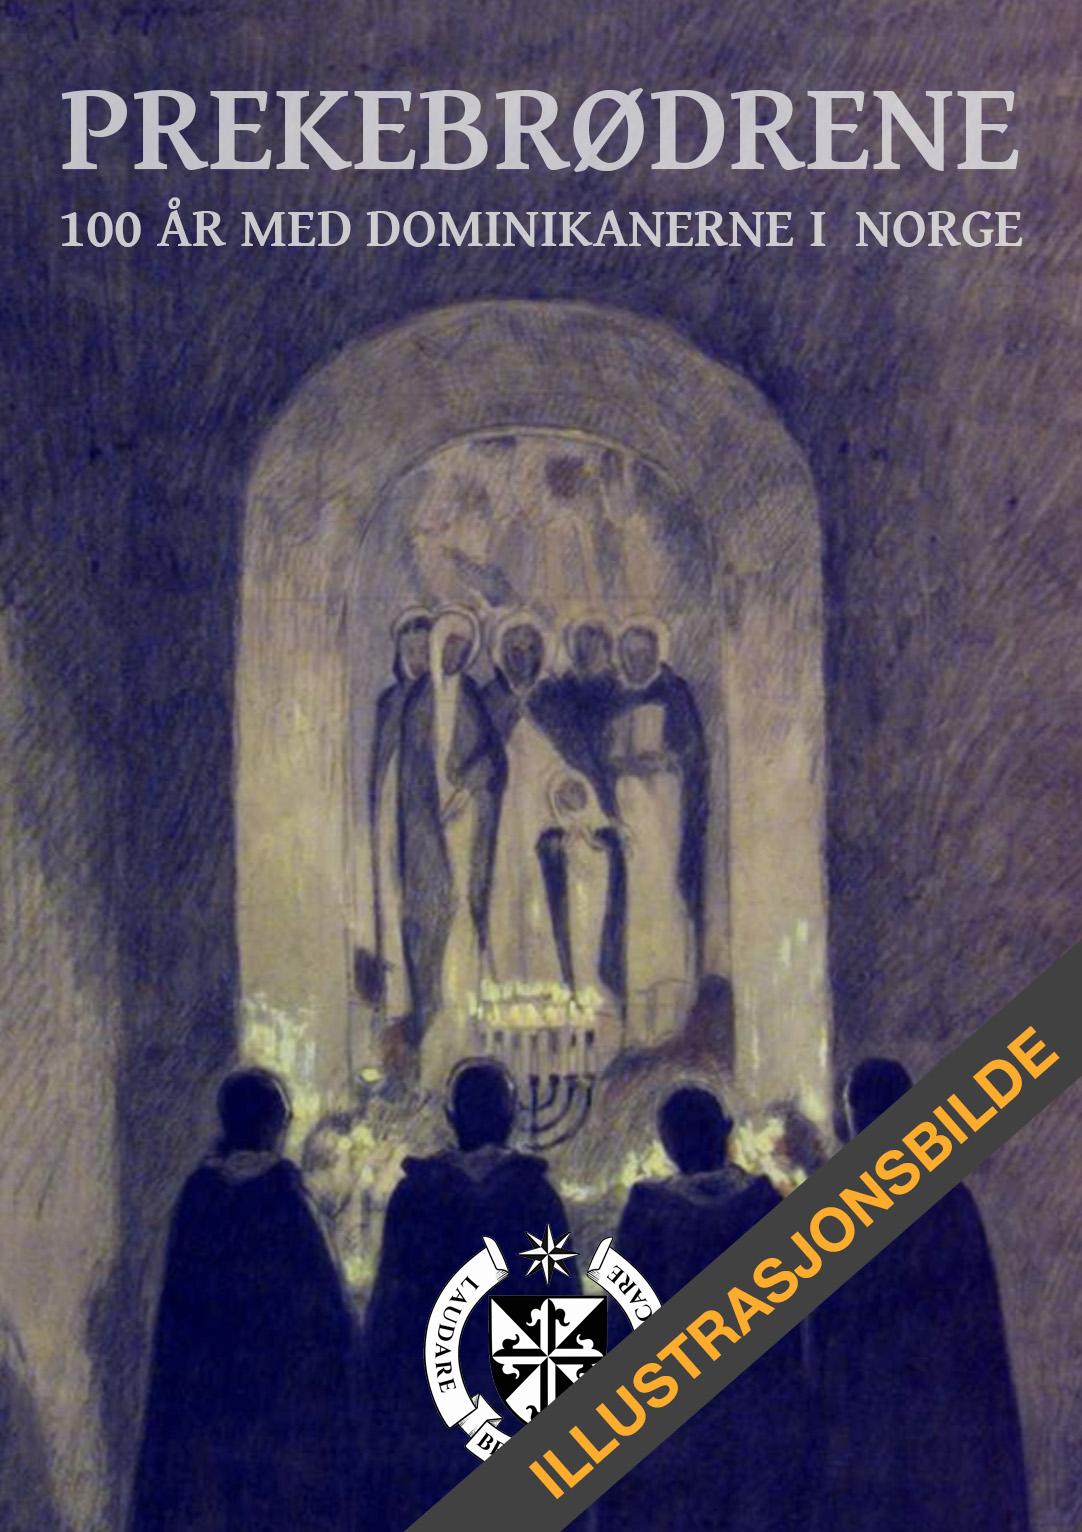 Jubileumsboken «Prekebrødrene» til kr 350,-  evt. porto kommer i tillegg.